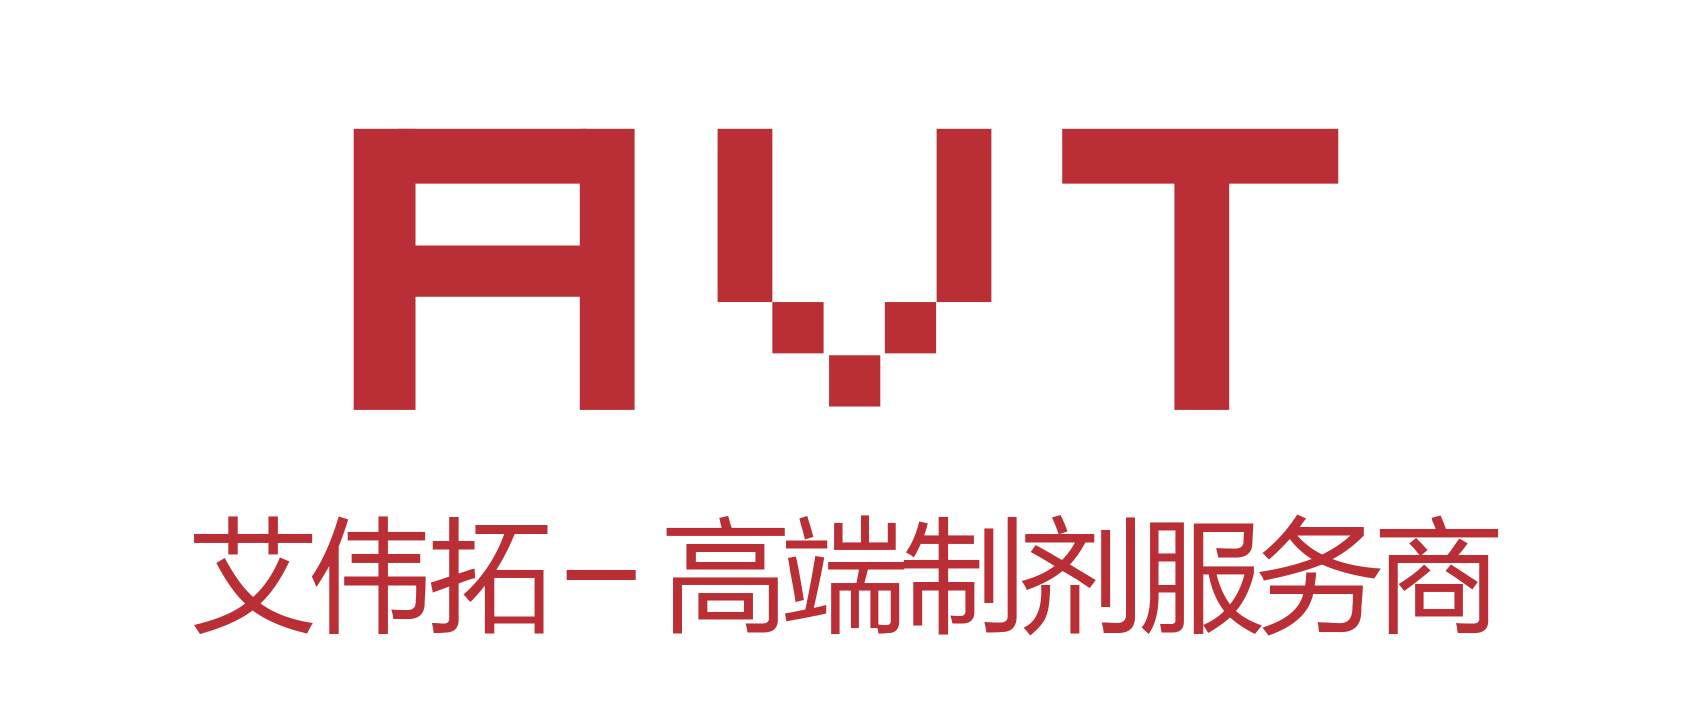 2021年AVT原辅料产品注册情况一览